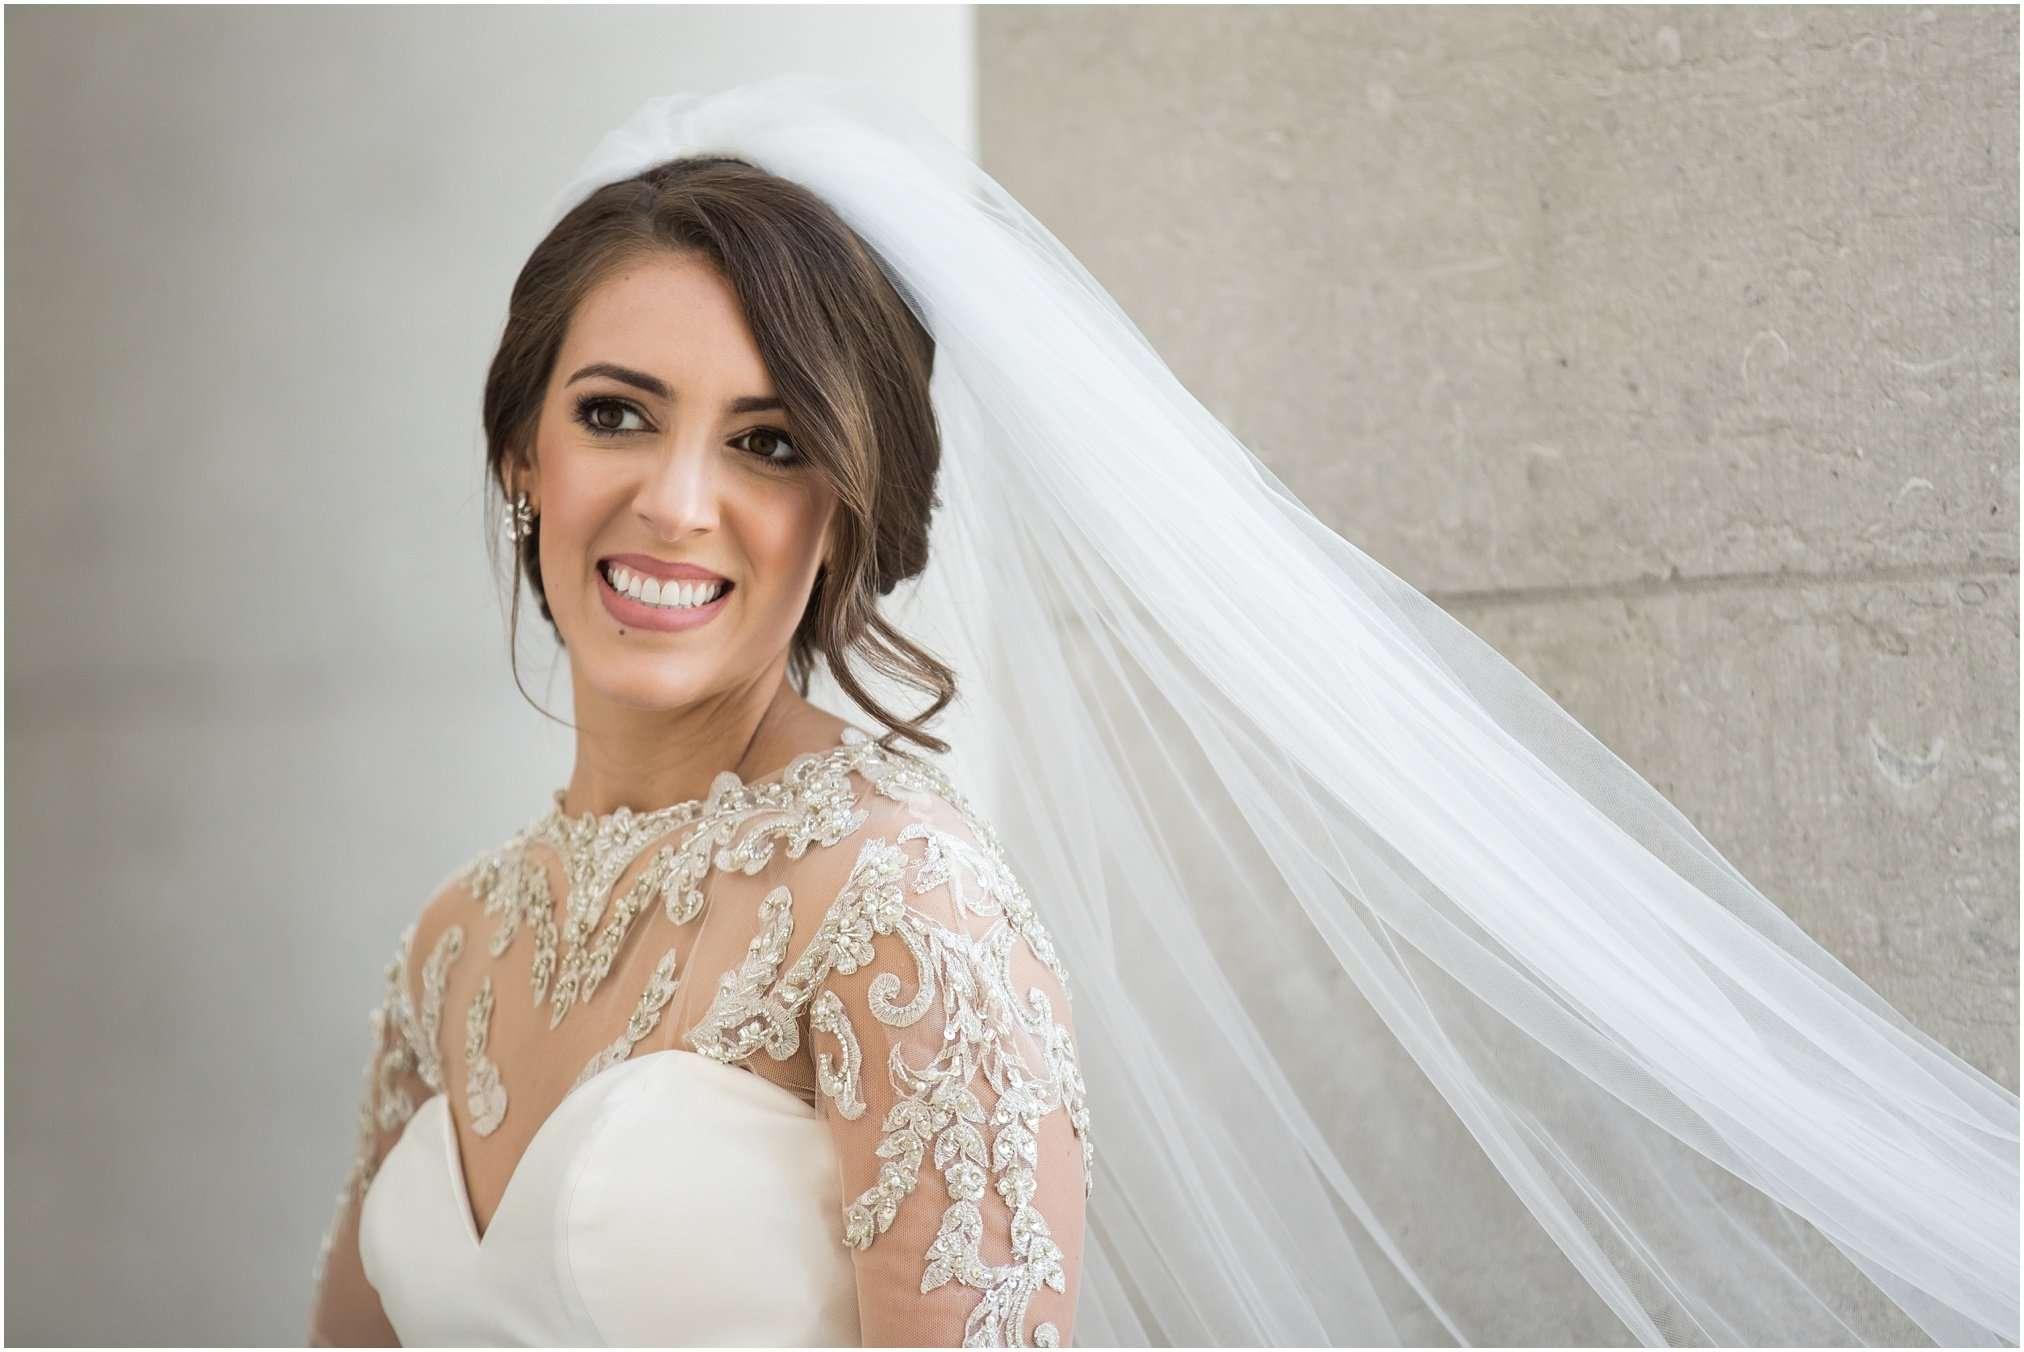 Spring Wedding at the Ohio Statehouse | Columbus Ohio Photography 54